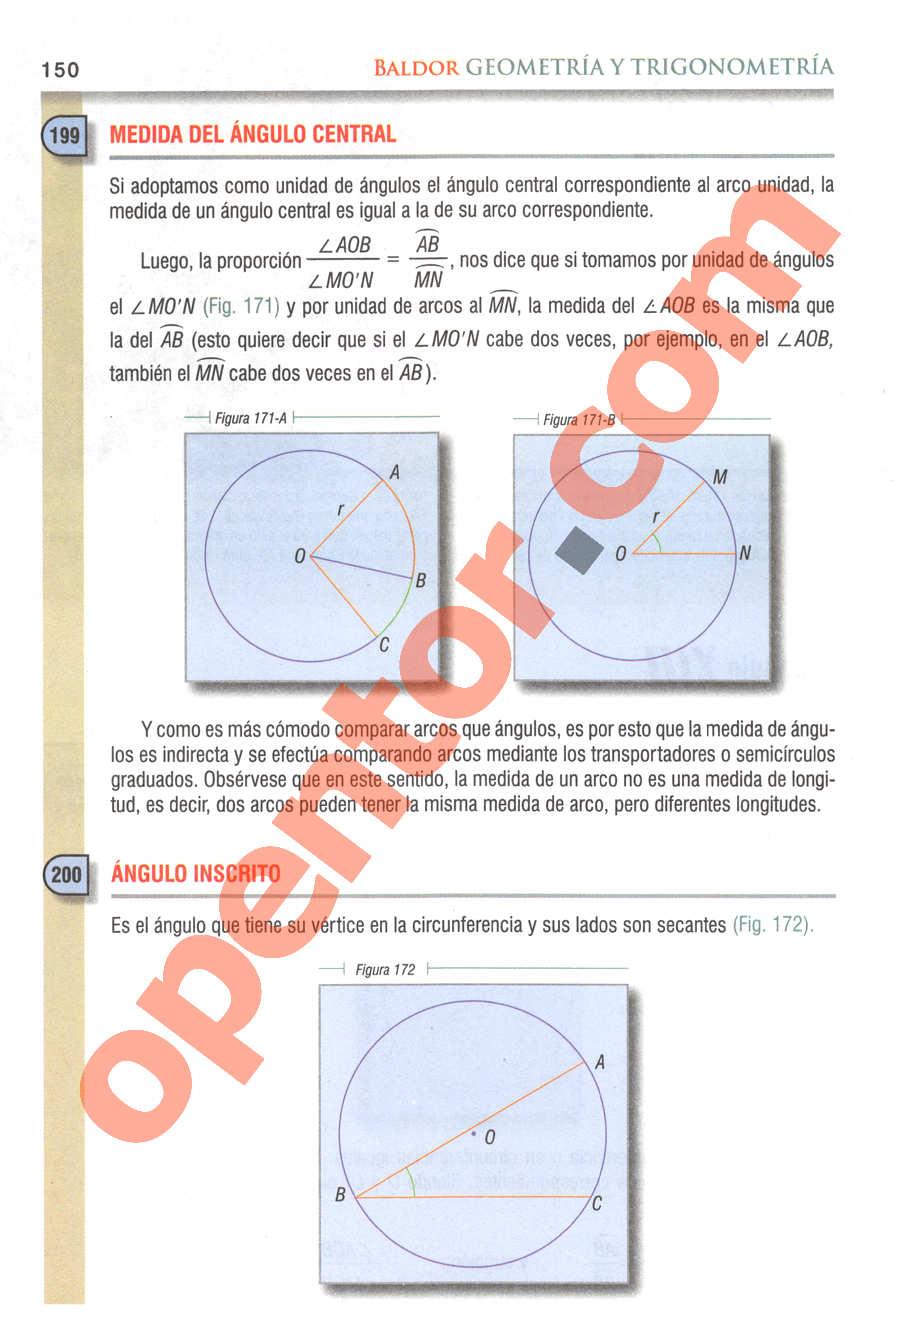 Geometría y Trigonometría de Baldor - Página 150